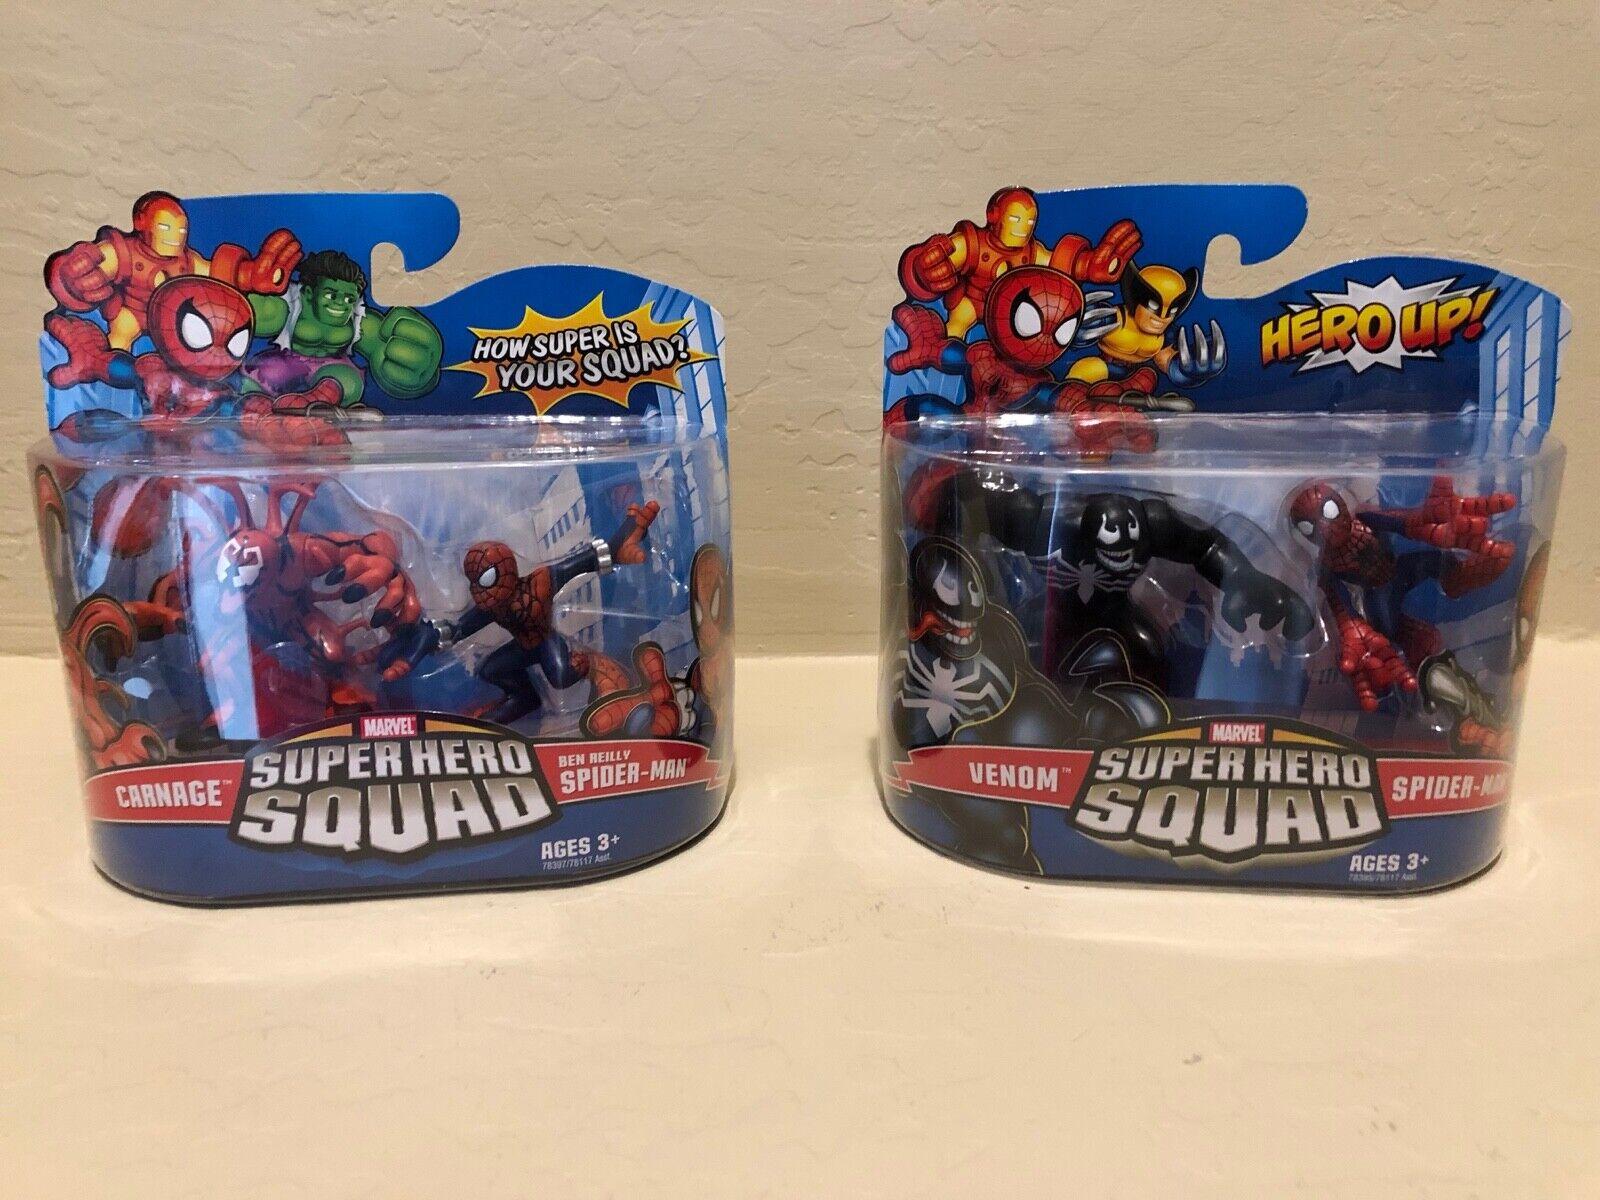 Bundle - Super Hero Squad Carnage & Ben Reilly Spider-Man - Venom & Spider-man